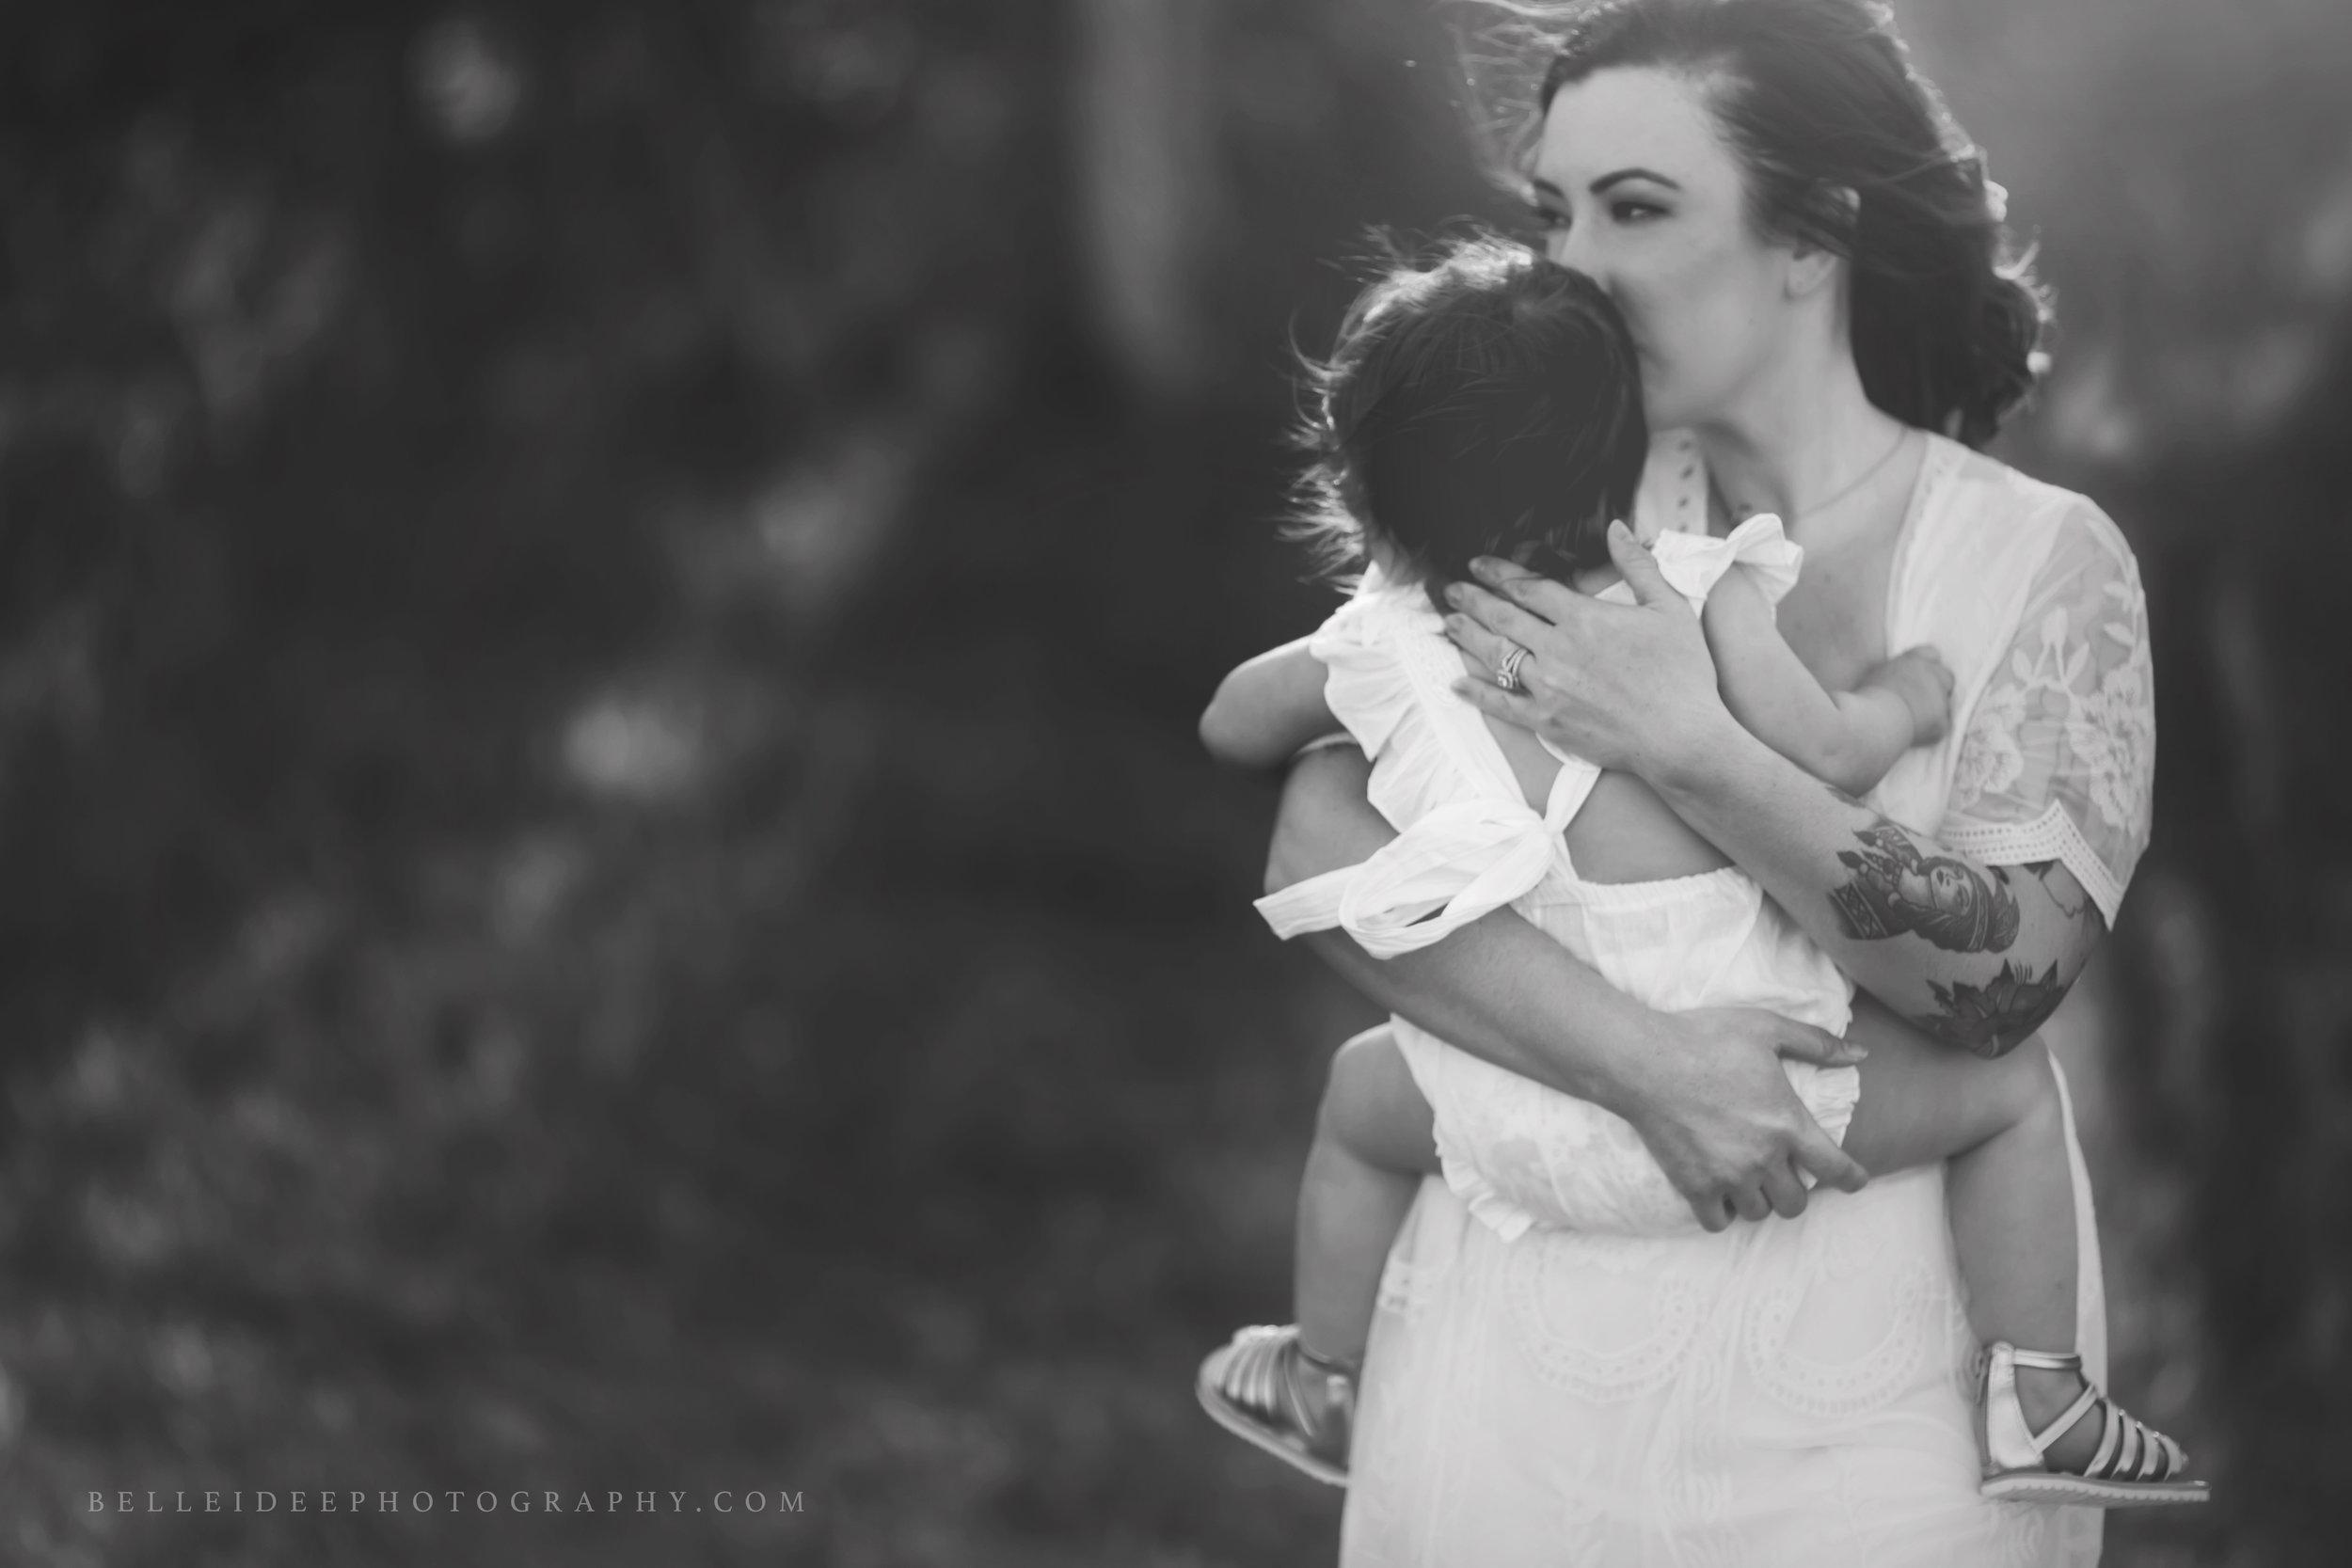 Lewiston, NY Family Photographer